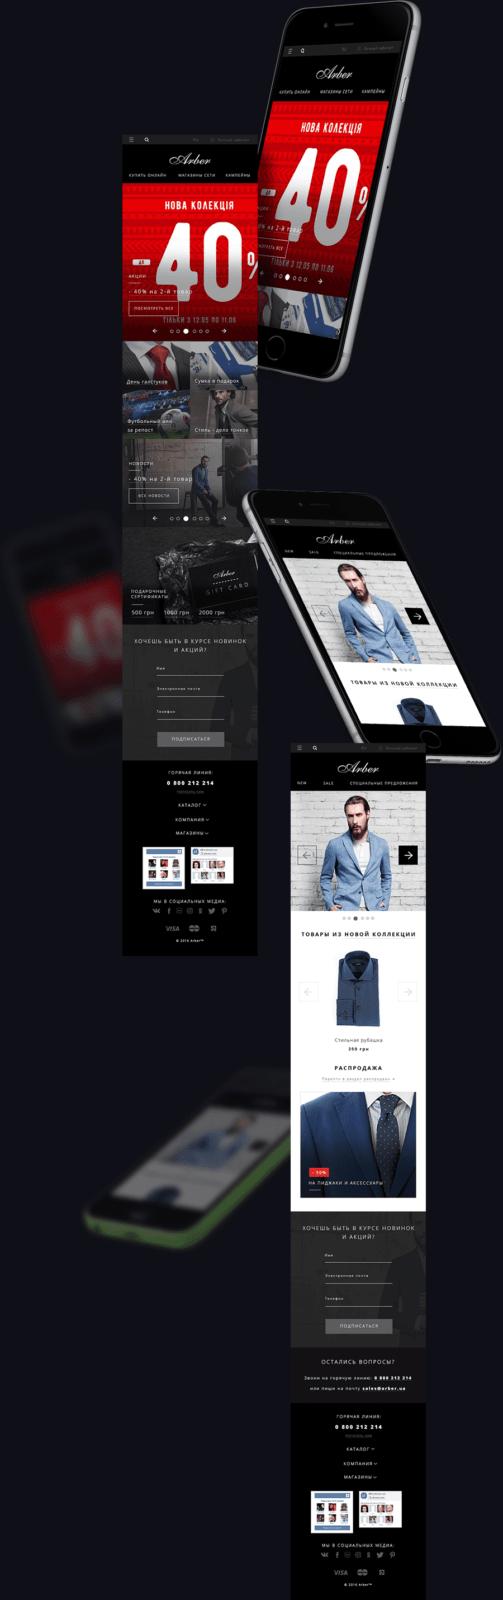 дизайн сайта в одессе